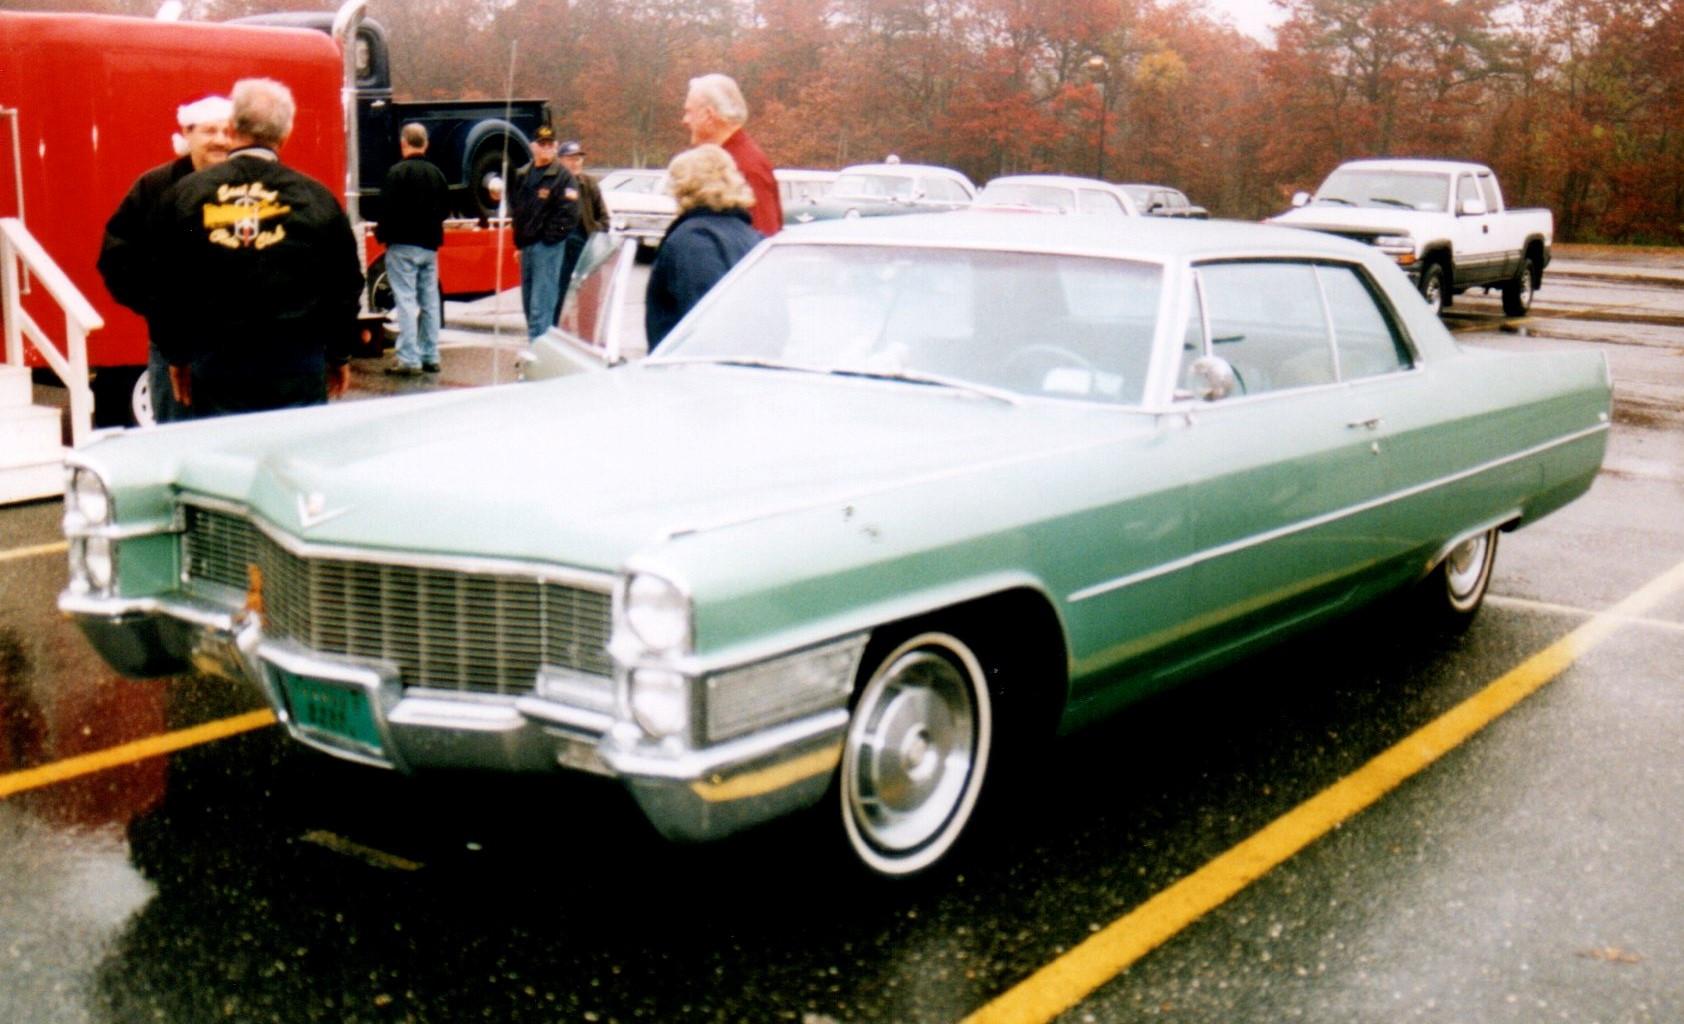 Lou Bates' 1965 Cadillac Calais